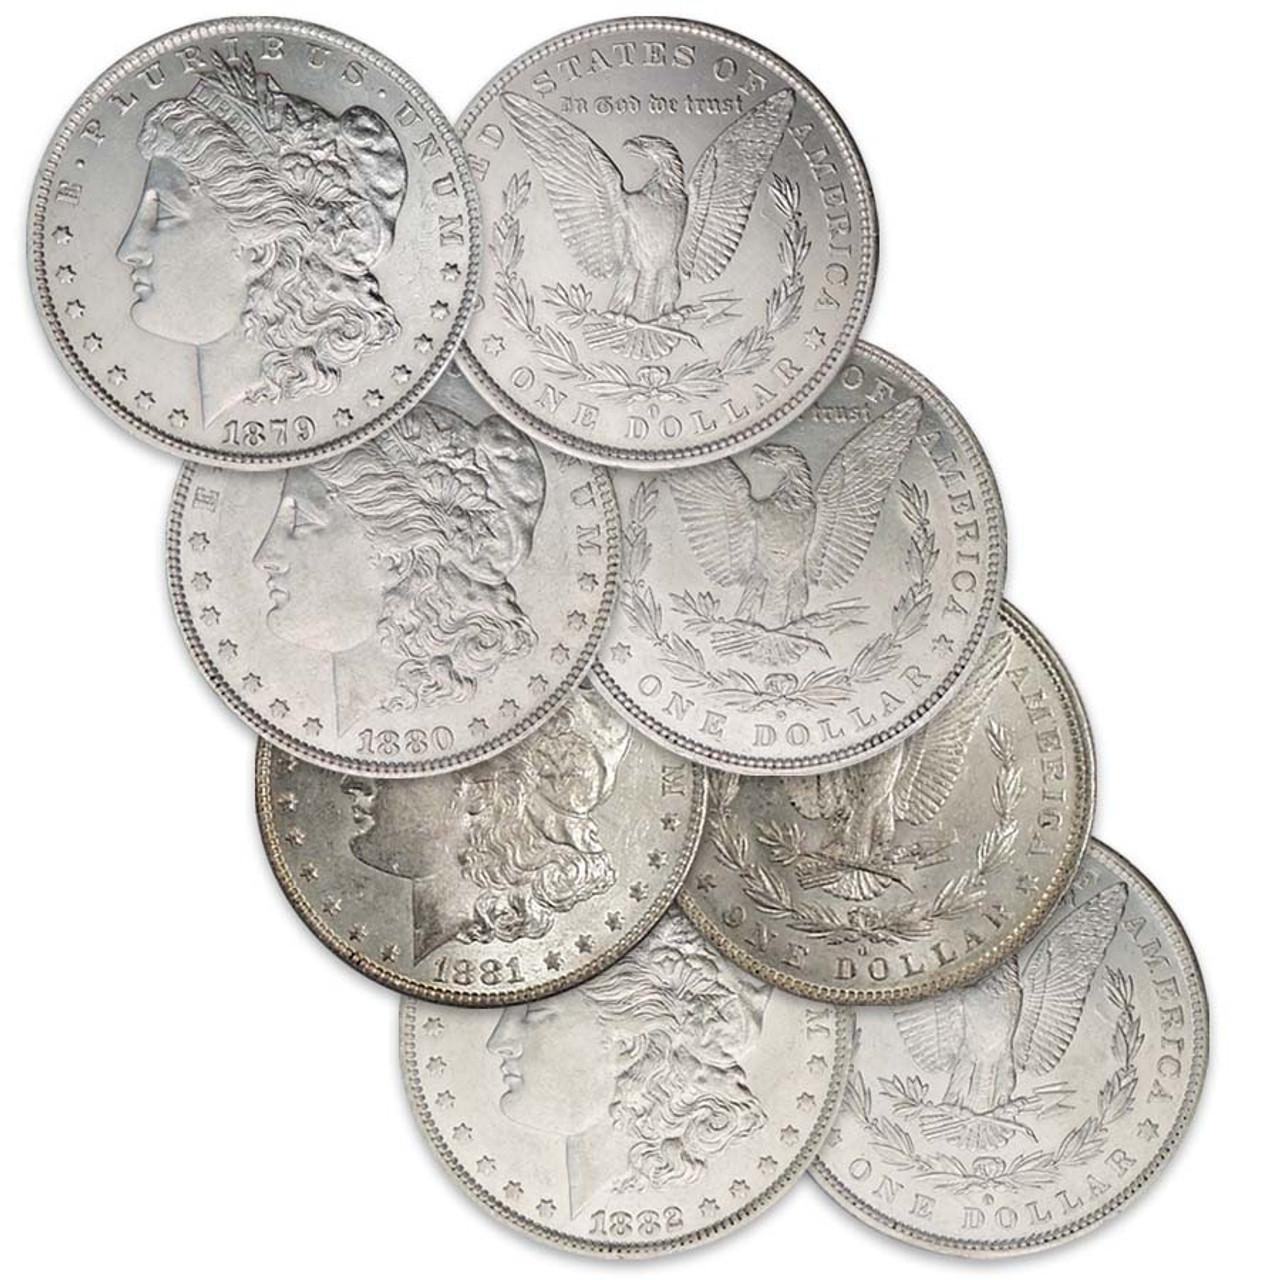 1879-O to 1882-O Morgan Silver Dollar 4-Coin Collection About Uncirculated